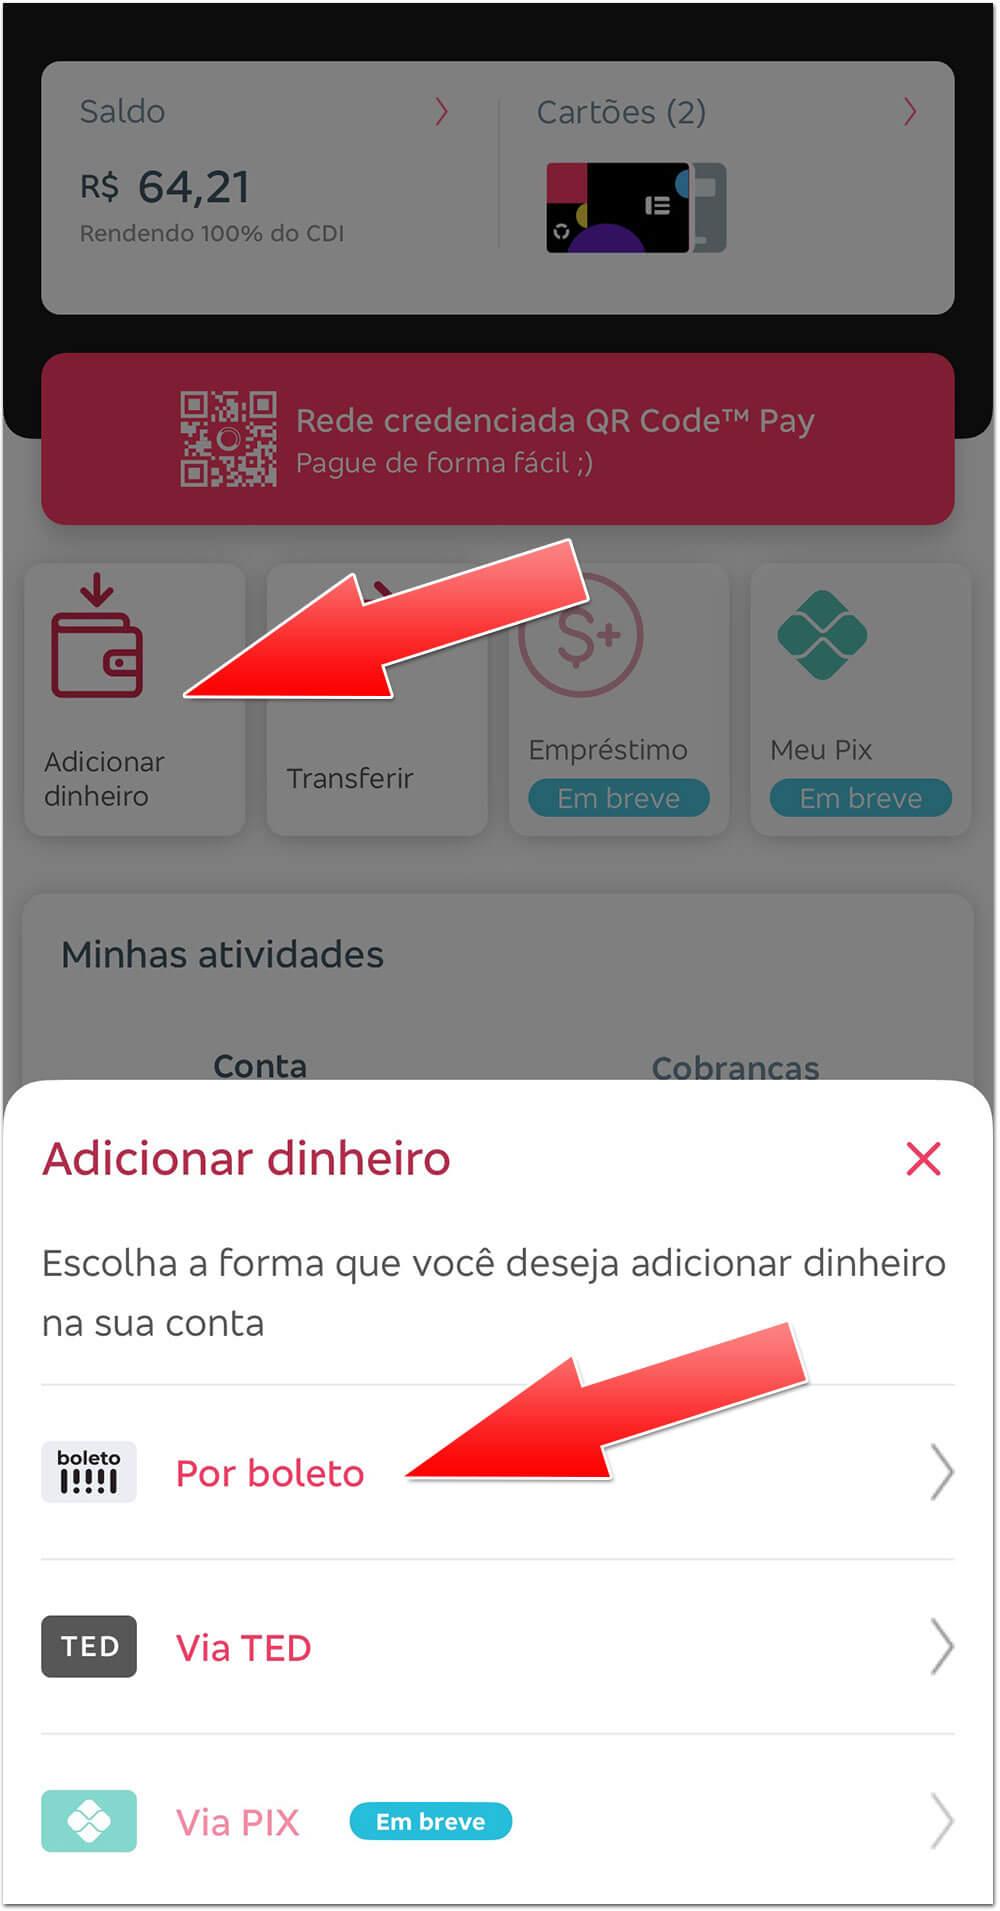 Bitz-deposito PROMOÇÃO: Carteira digital Bitz dá R$10 de bônus para quem depositar dinheiro na conta